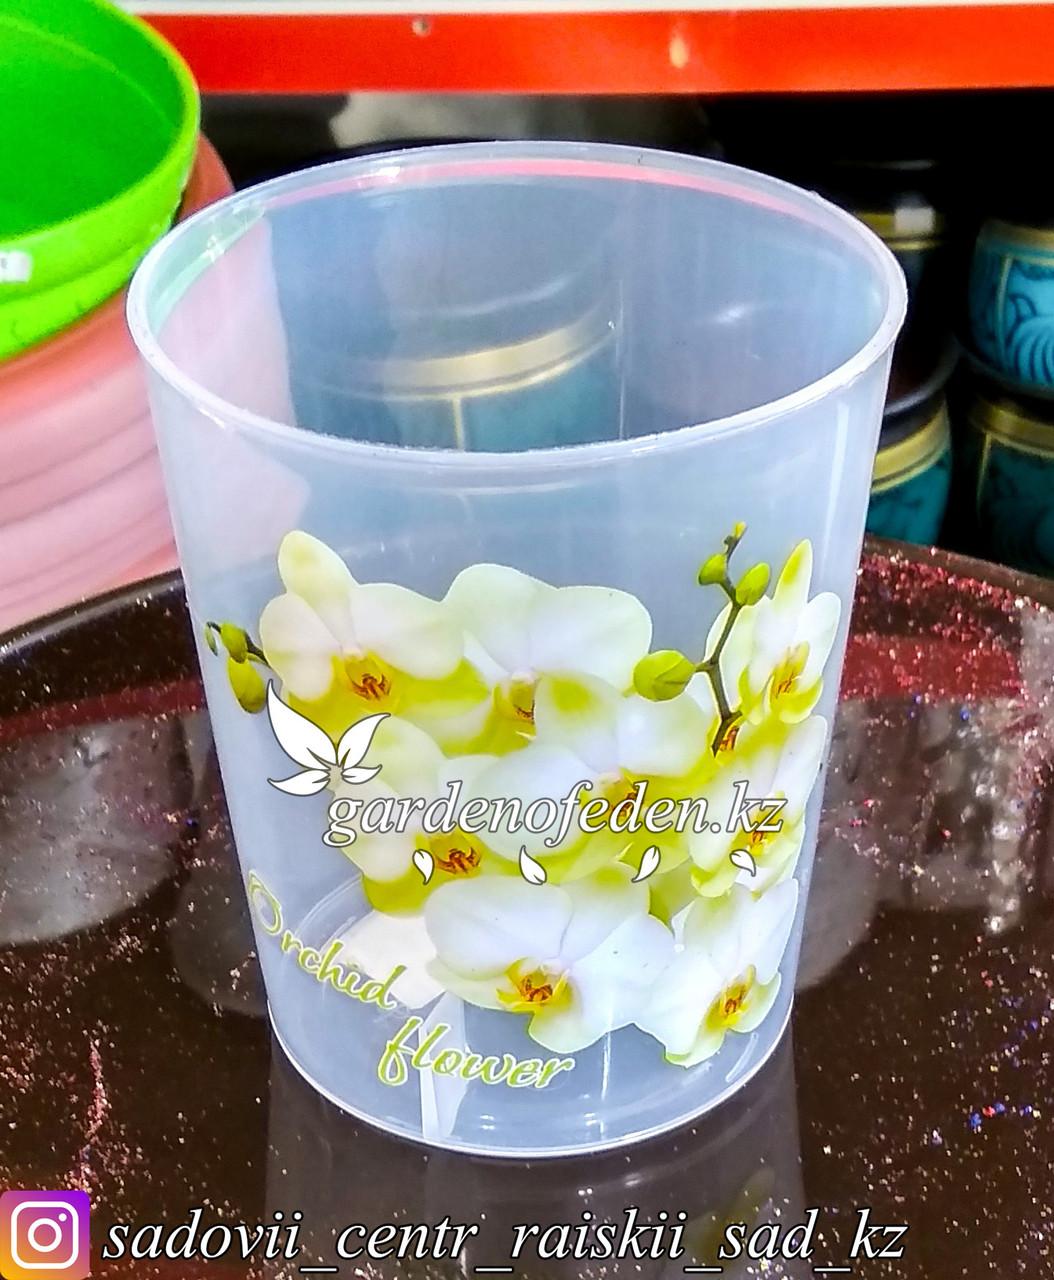 Пластиковый горшок для орхидеи. Цвет: Прозрачный. Объем: 0.7л